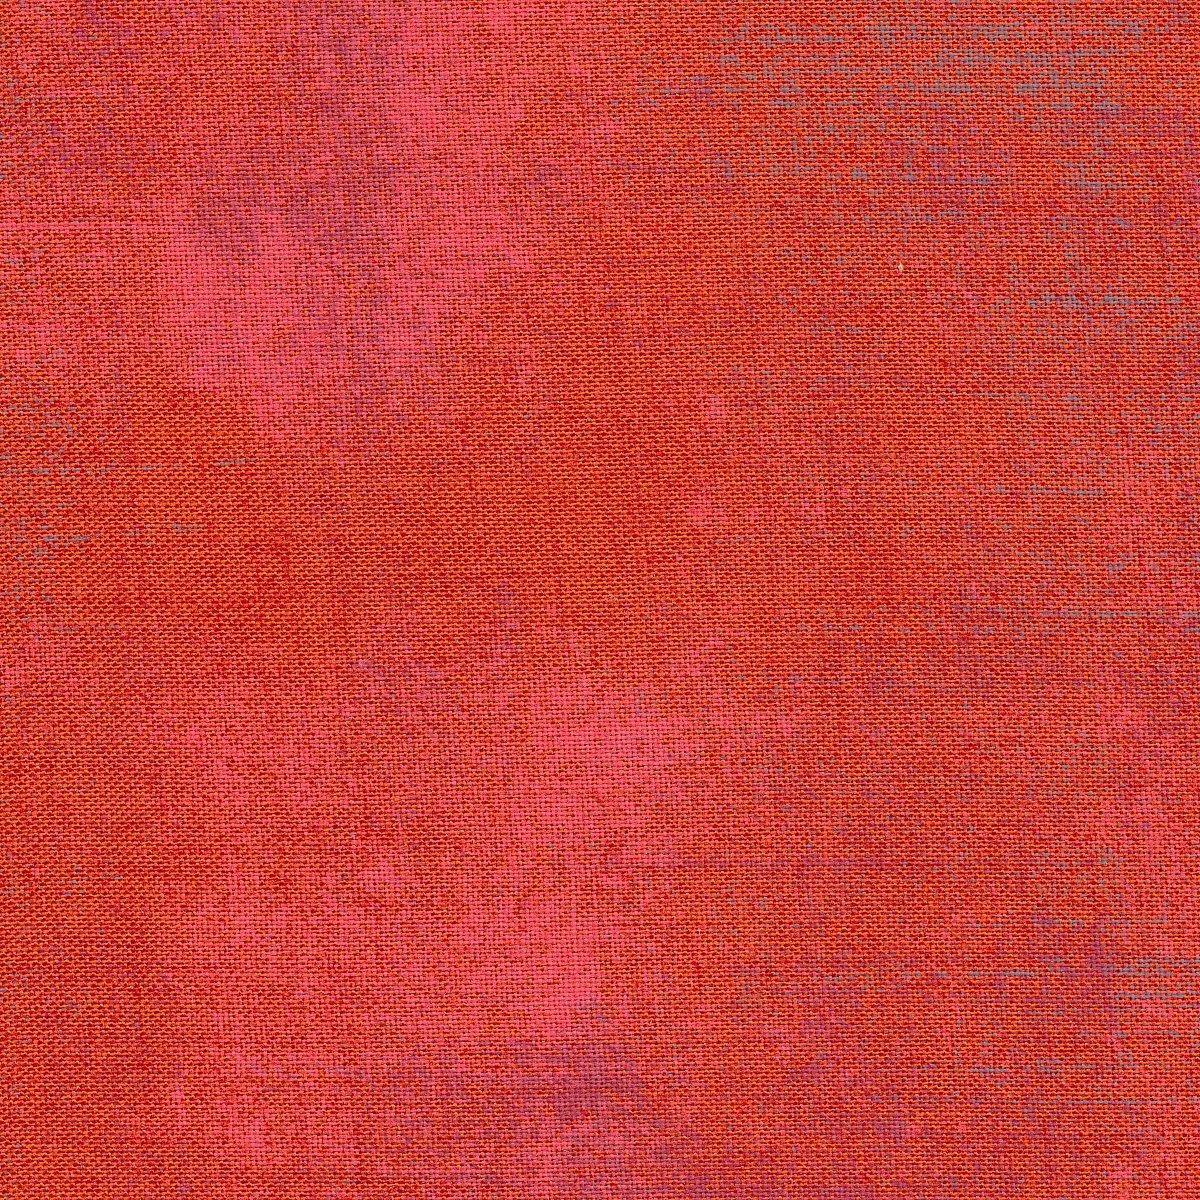 Grunge Basics  - 530150-427